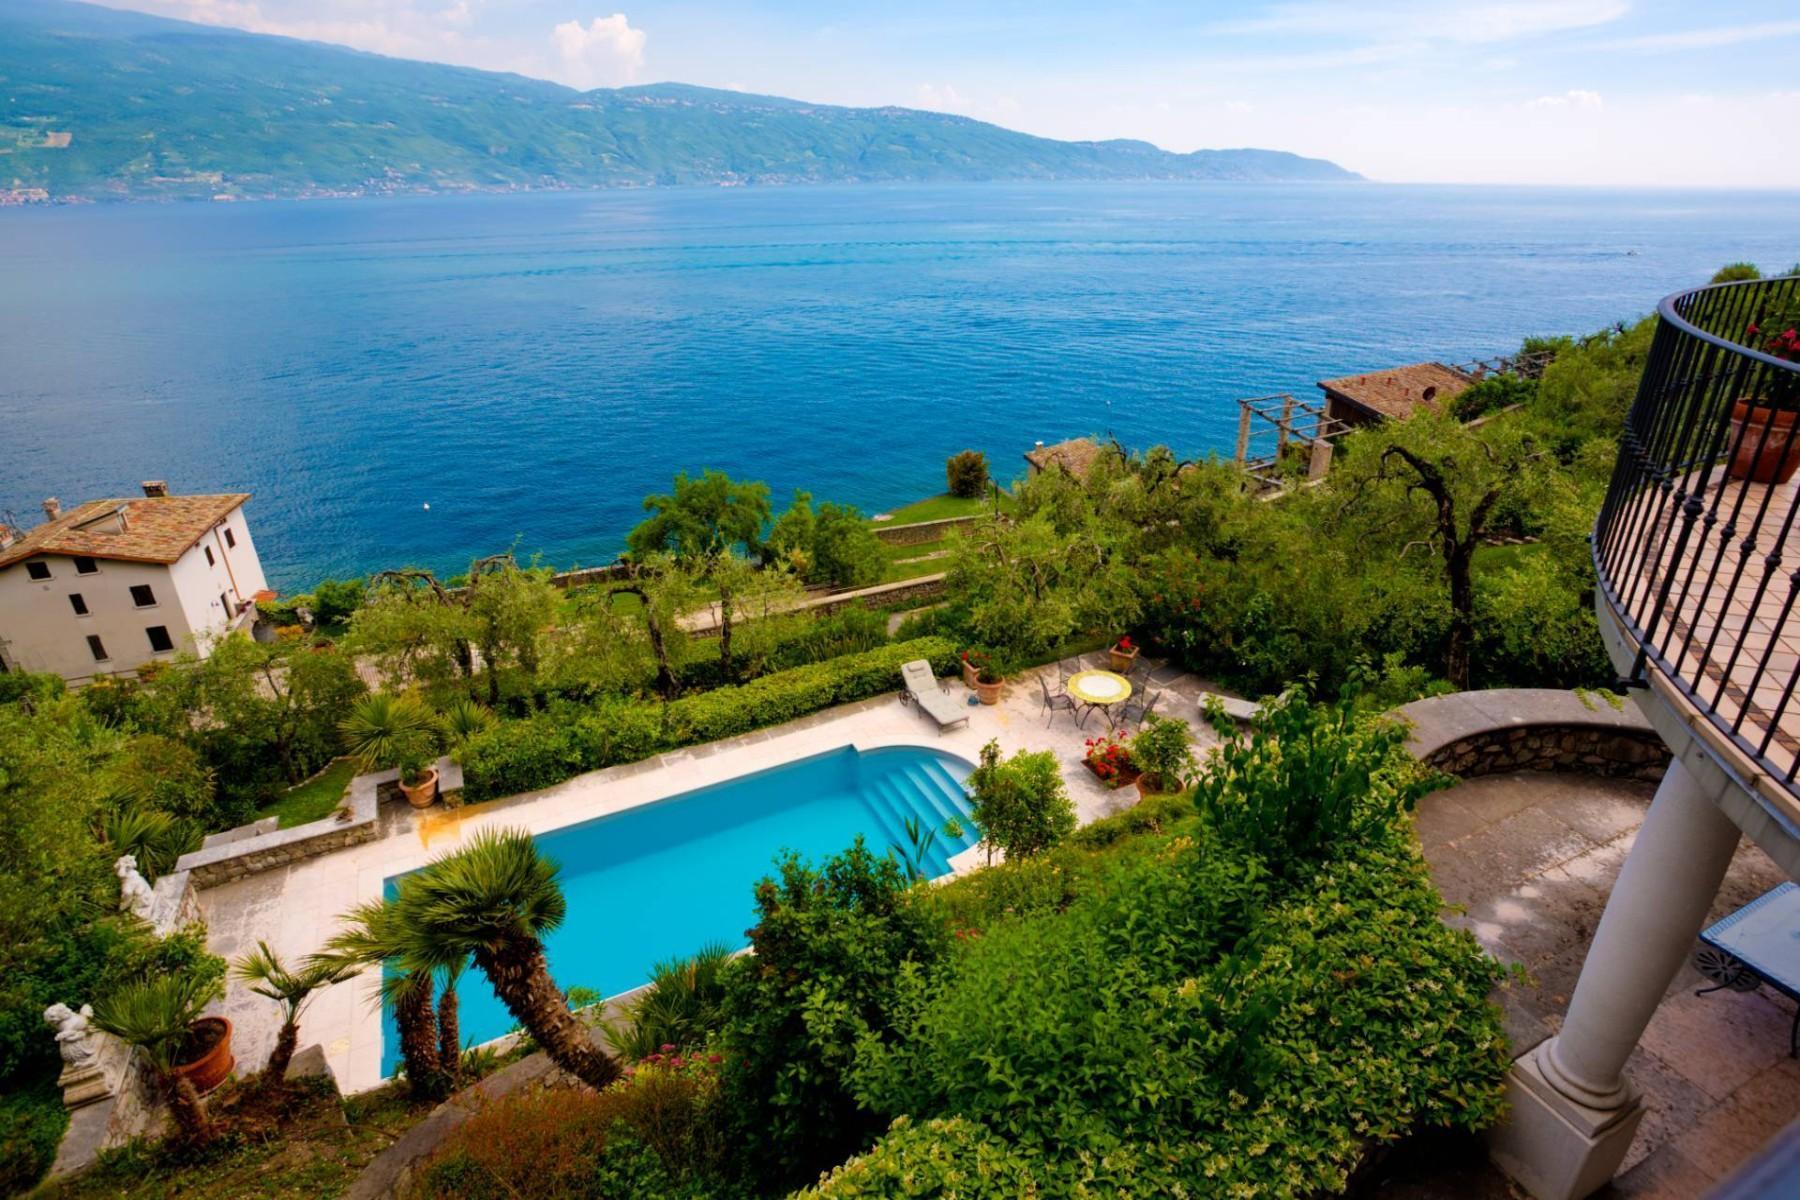 Atemberaubende moderne Villa mit exklusivem Pool und herrlichem Seeblick - 2